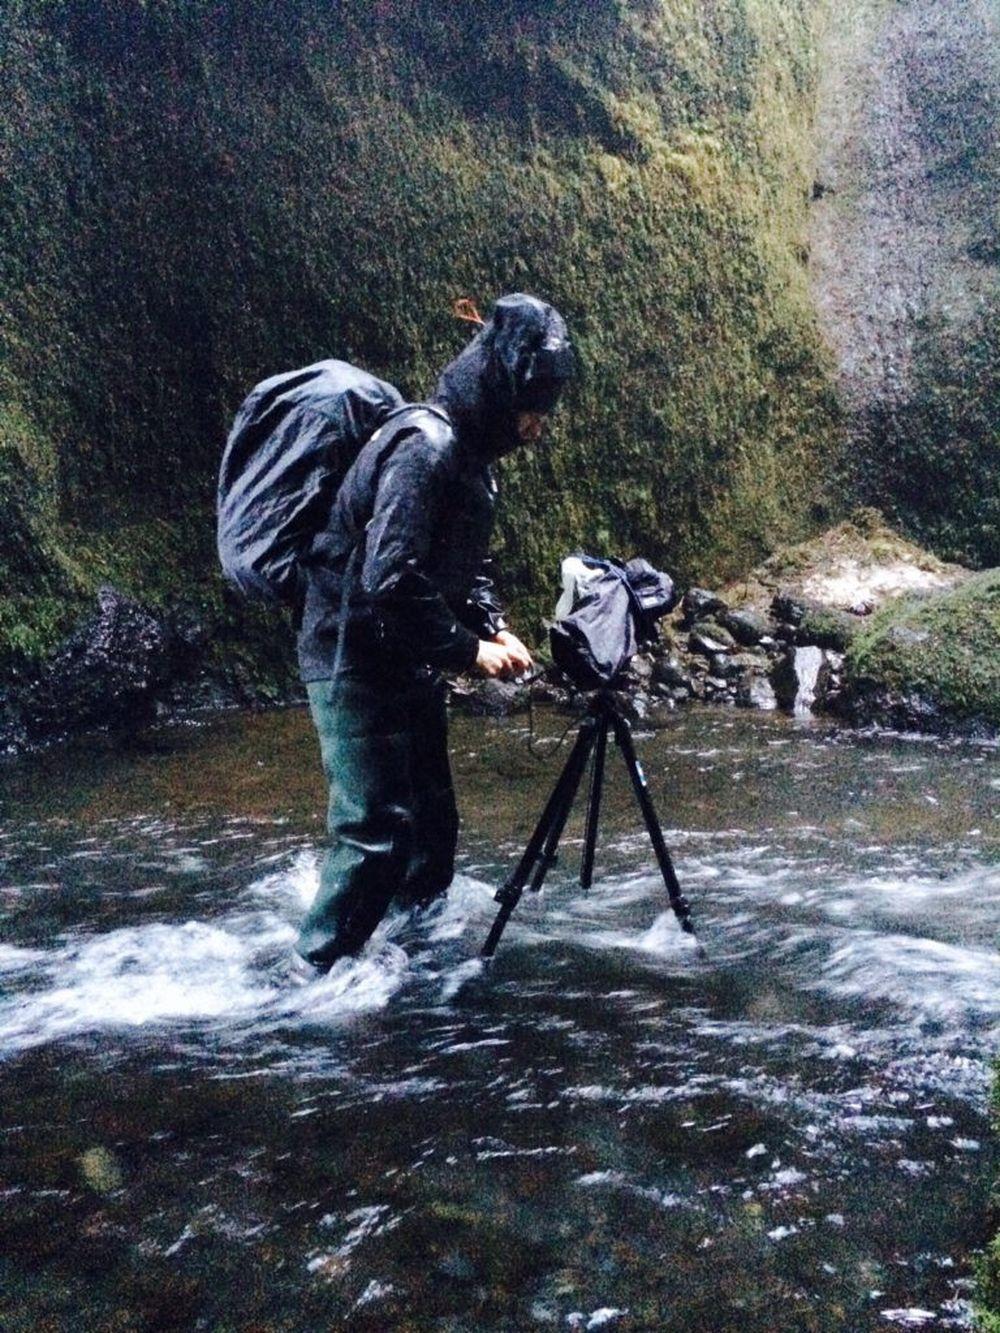 Ảnh chụp dưới trời mưa thường thiếu sáng nên rất dễ rung nhòe. Do đó, cần thiết có chân ba (tripod), giúp máy đứng vững. Ảnh: Capture Landscapes.